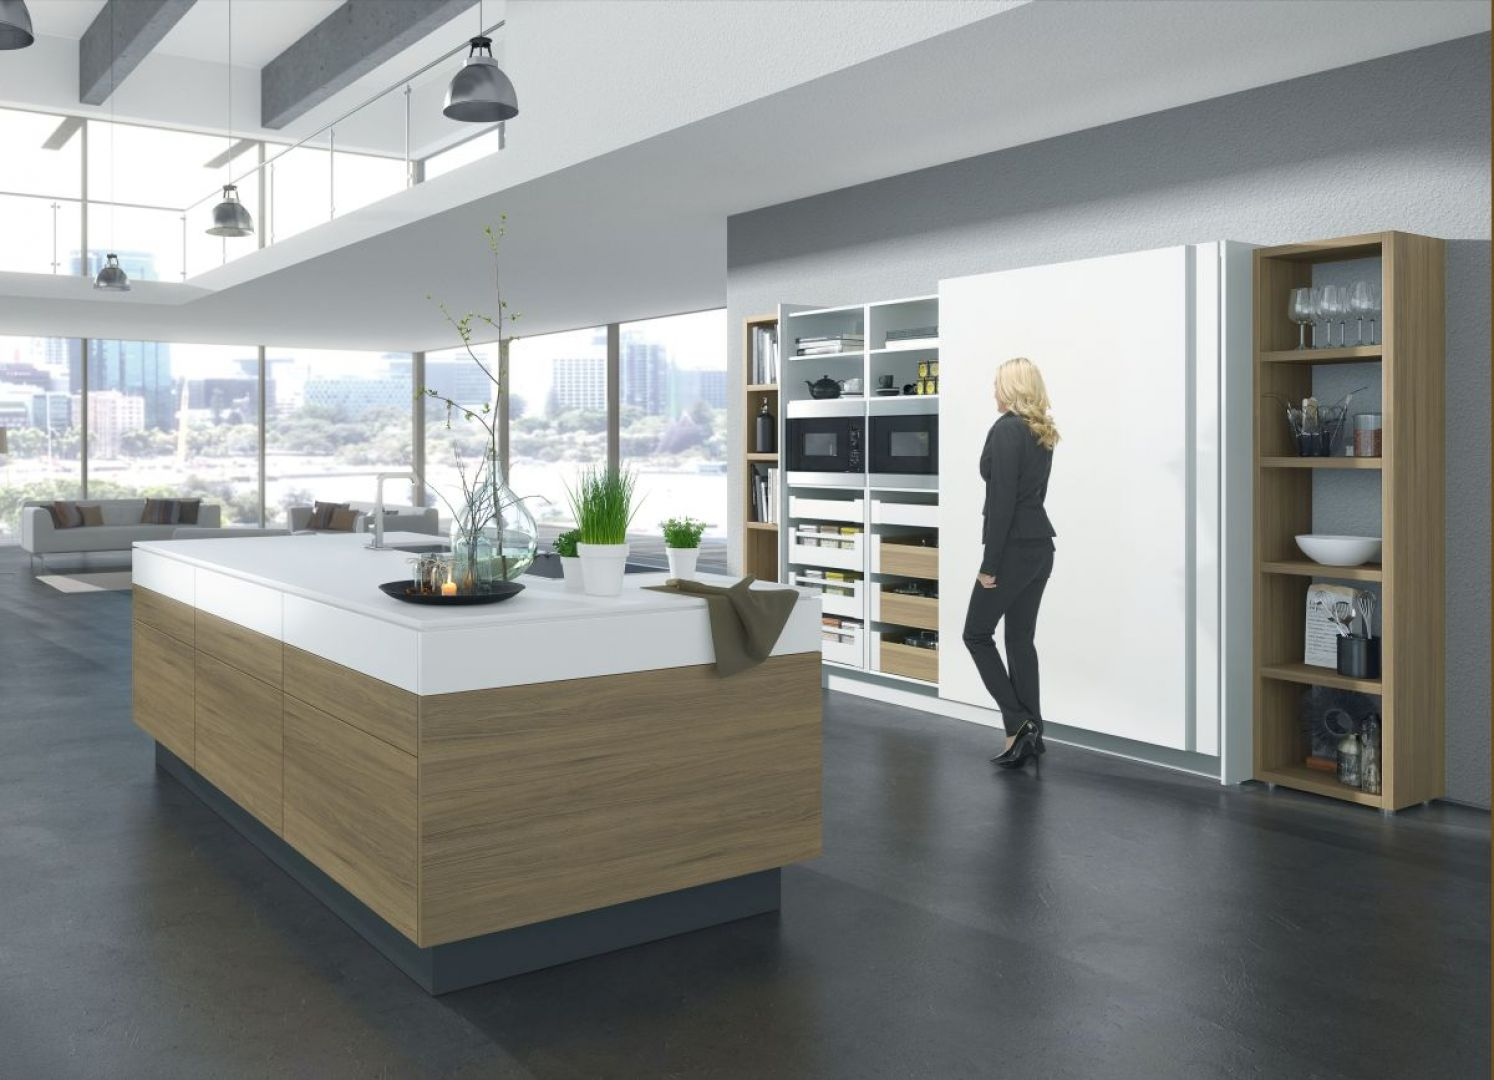 Dzięki nowoczesnym okuciom nowoczesna kuchnia jest komfortowa w użytkowaniu. Fot. Hettich